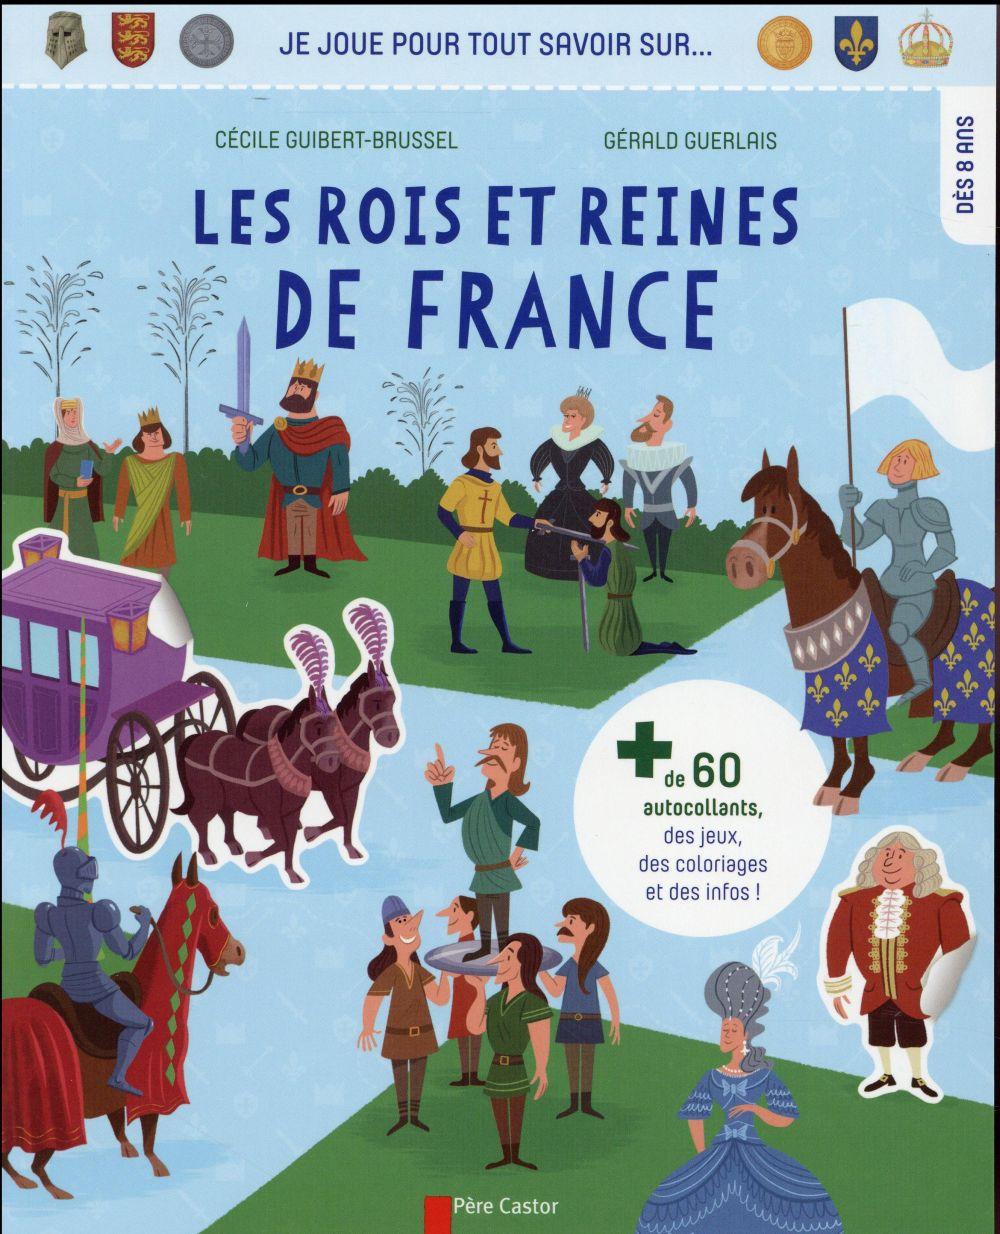 Je joue pour tout savoir sur les rois et reines de France